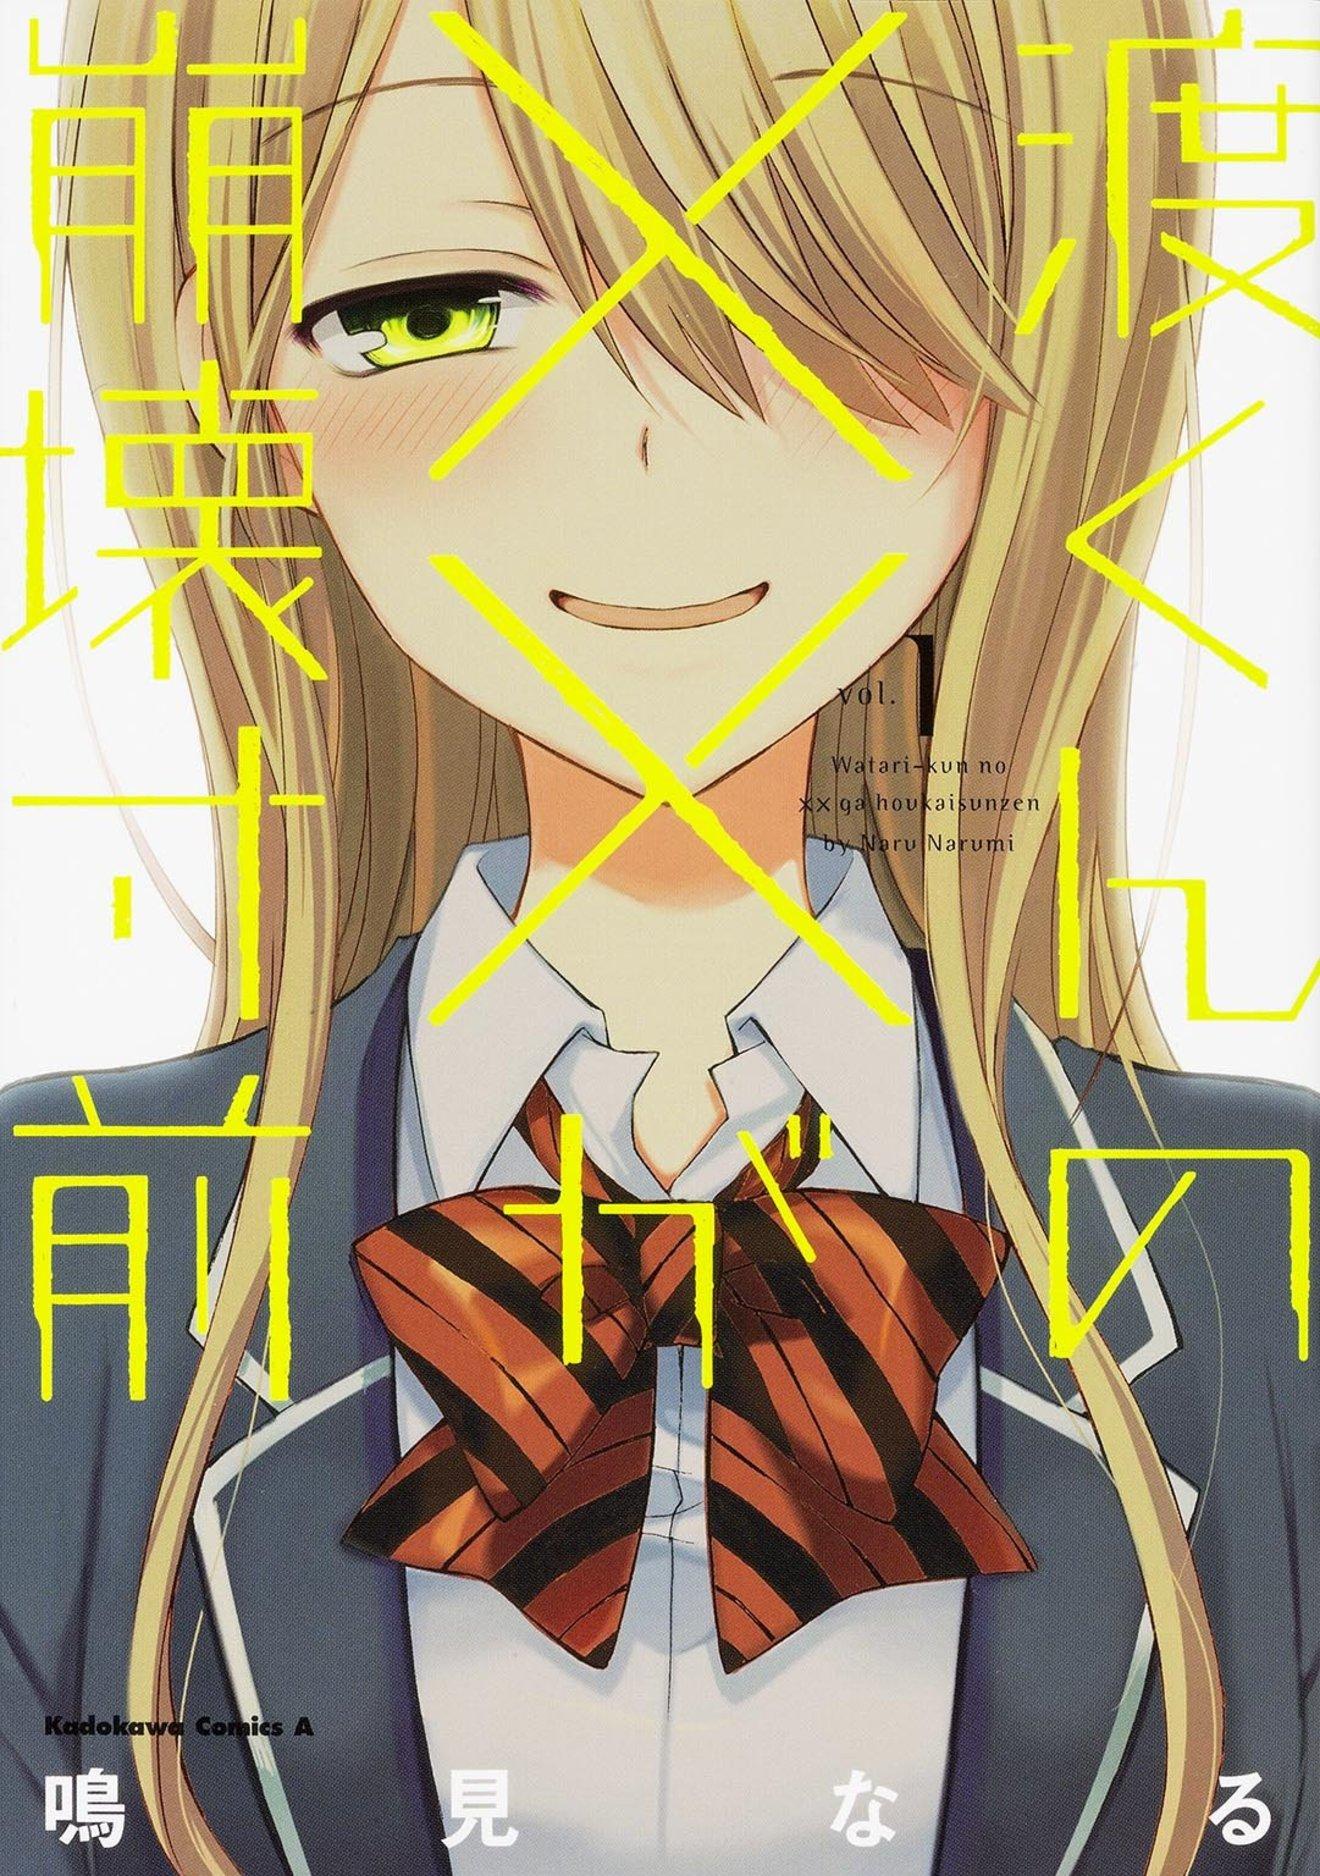 『渡くんの××が崩壊寸前』を最新6巻までネタバレ!シリアス×ラブコメが◎